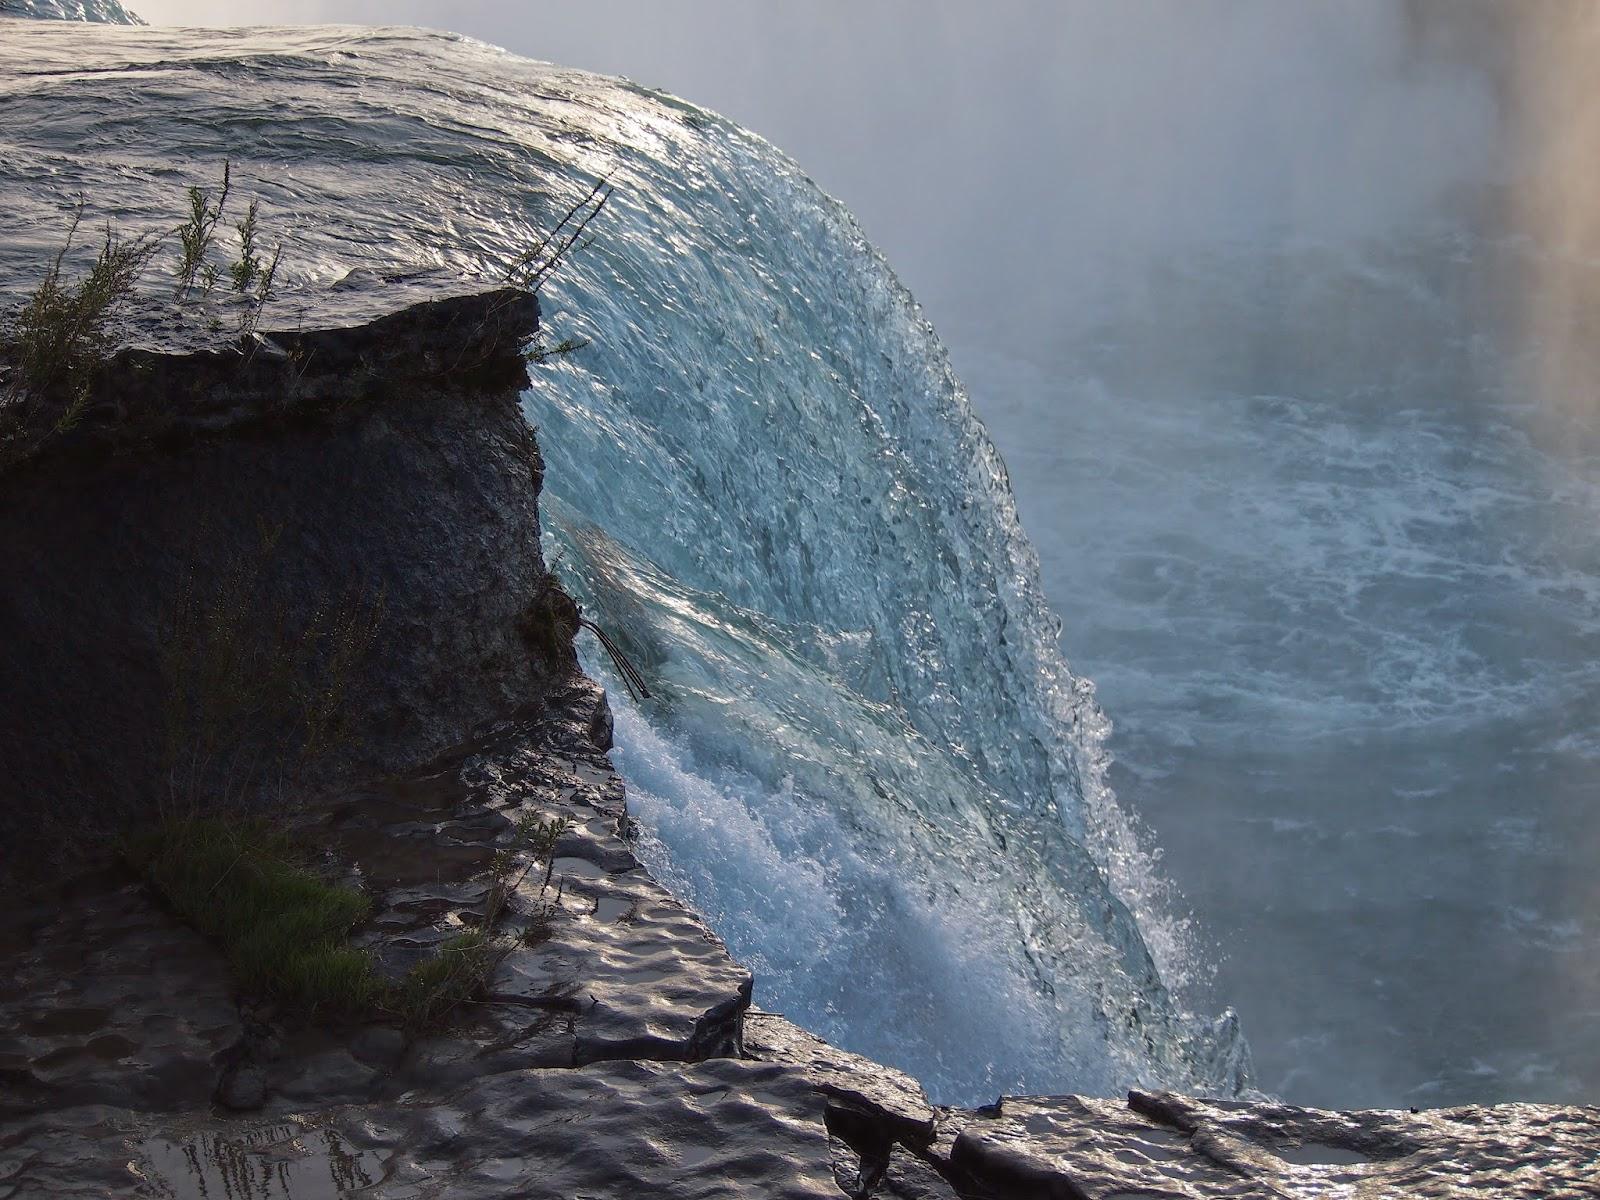 アメリカ側からのナイアガラの滝